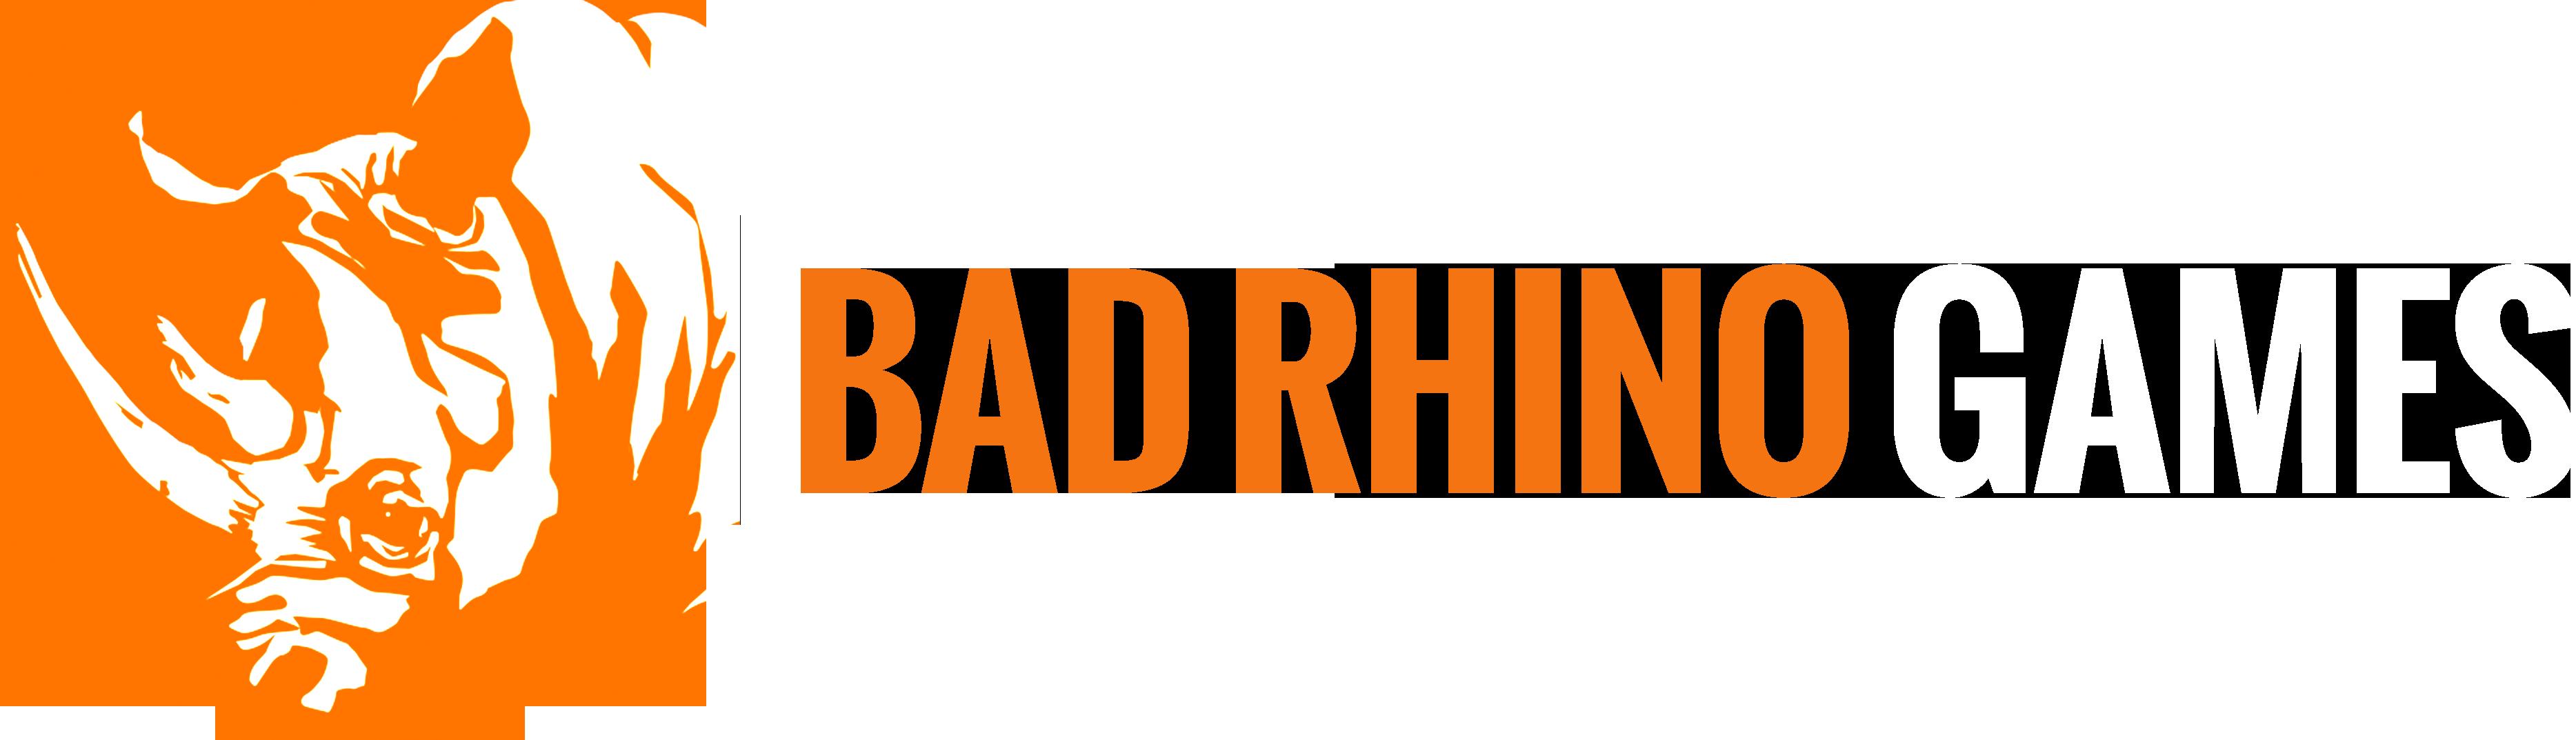 Bad Rhino Games